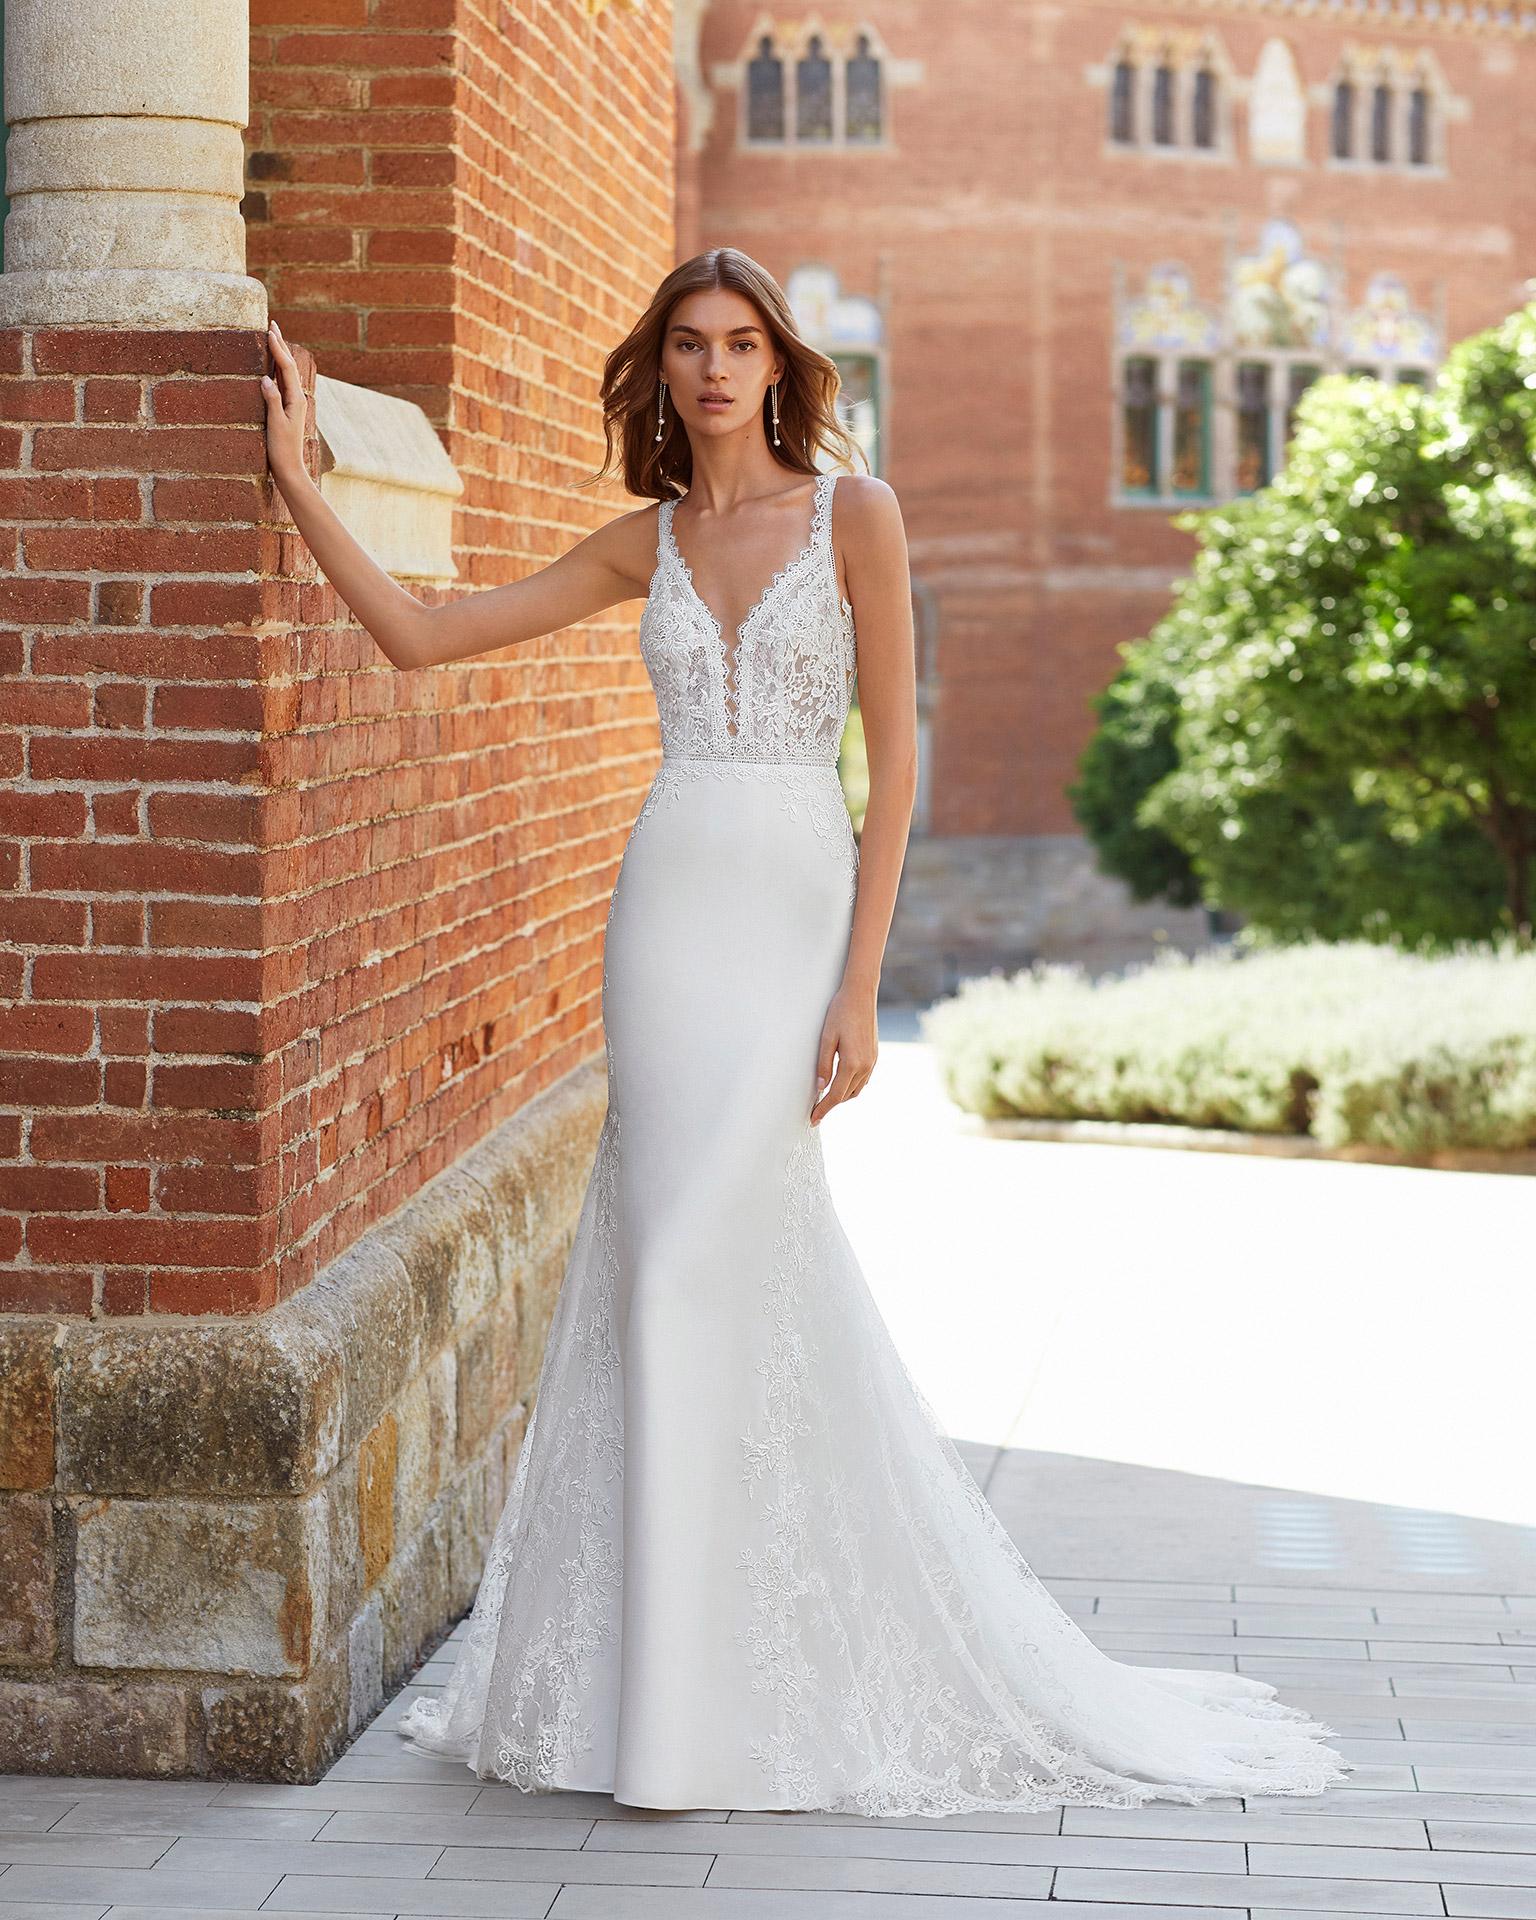 Vestido de novia corte sirena de crep elástico, encaje y pedrería. Escote deep plunge y espalda en V. Colección  2021.